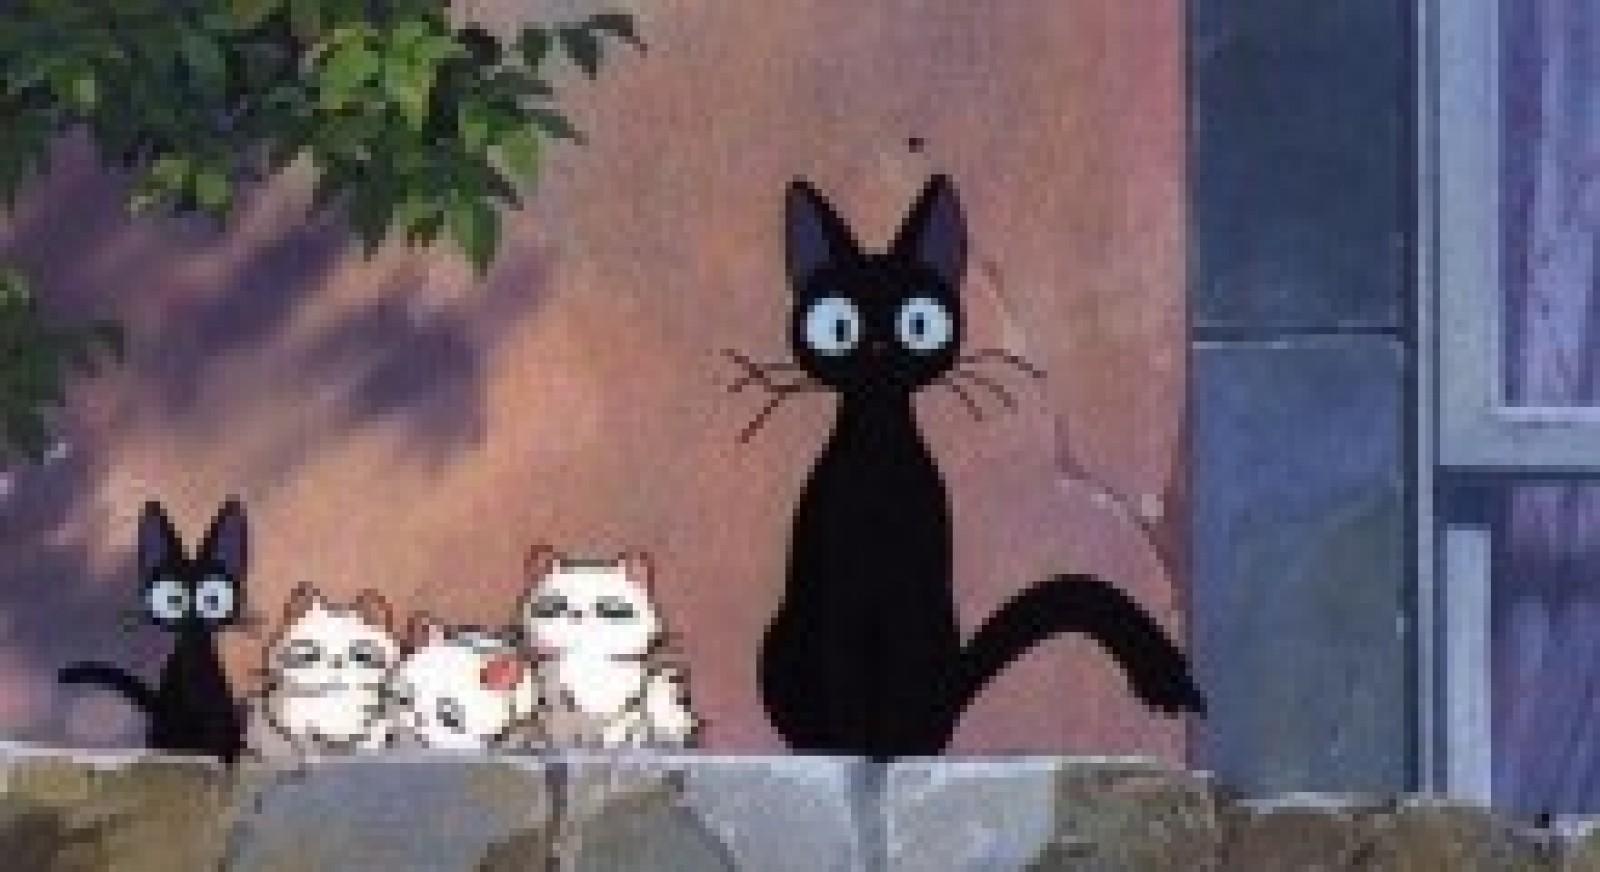 La gastrite du chat les chats font la loi - Loi sur les chats et le voisinage ...